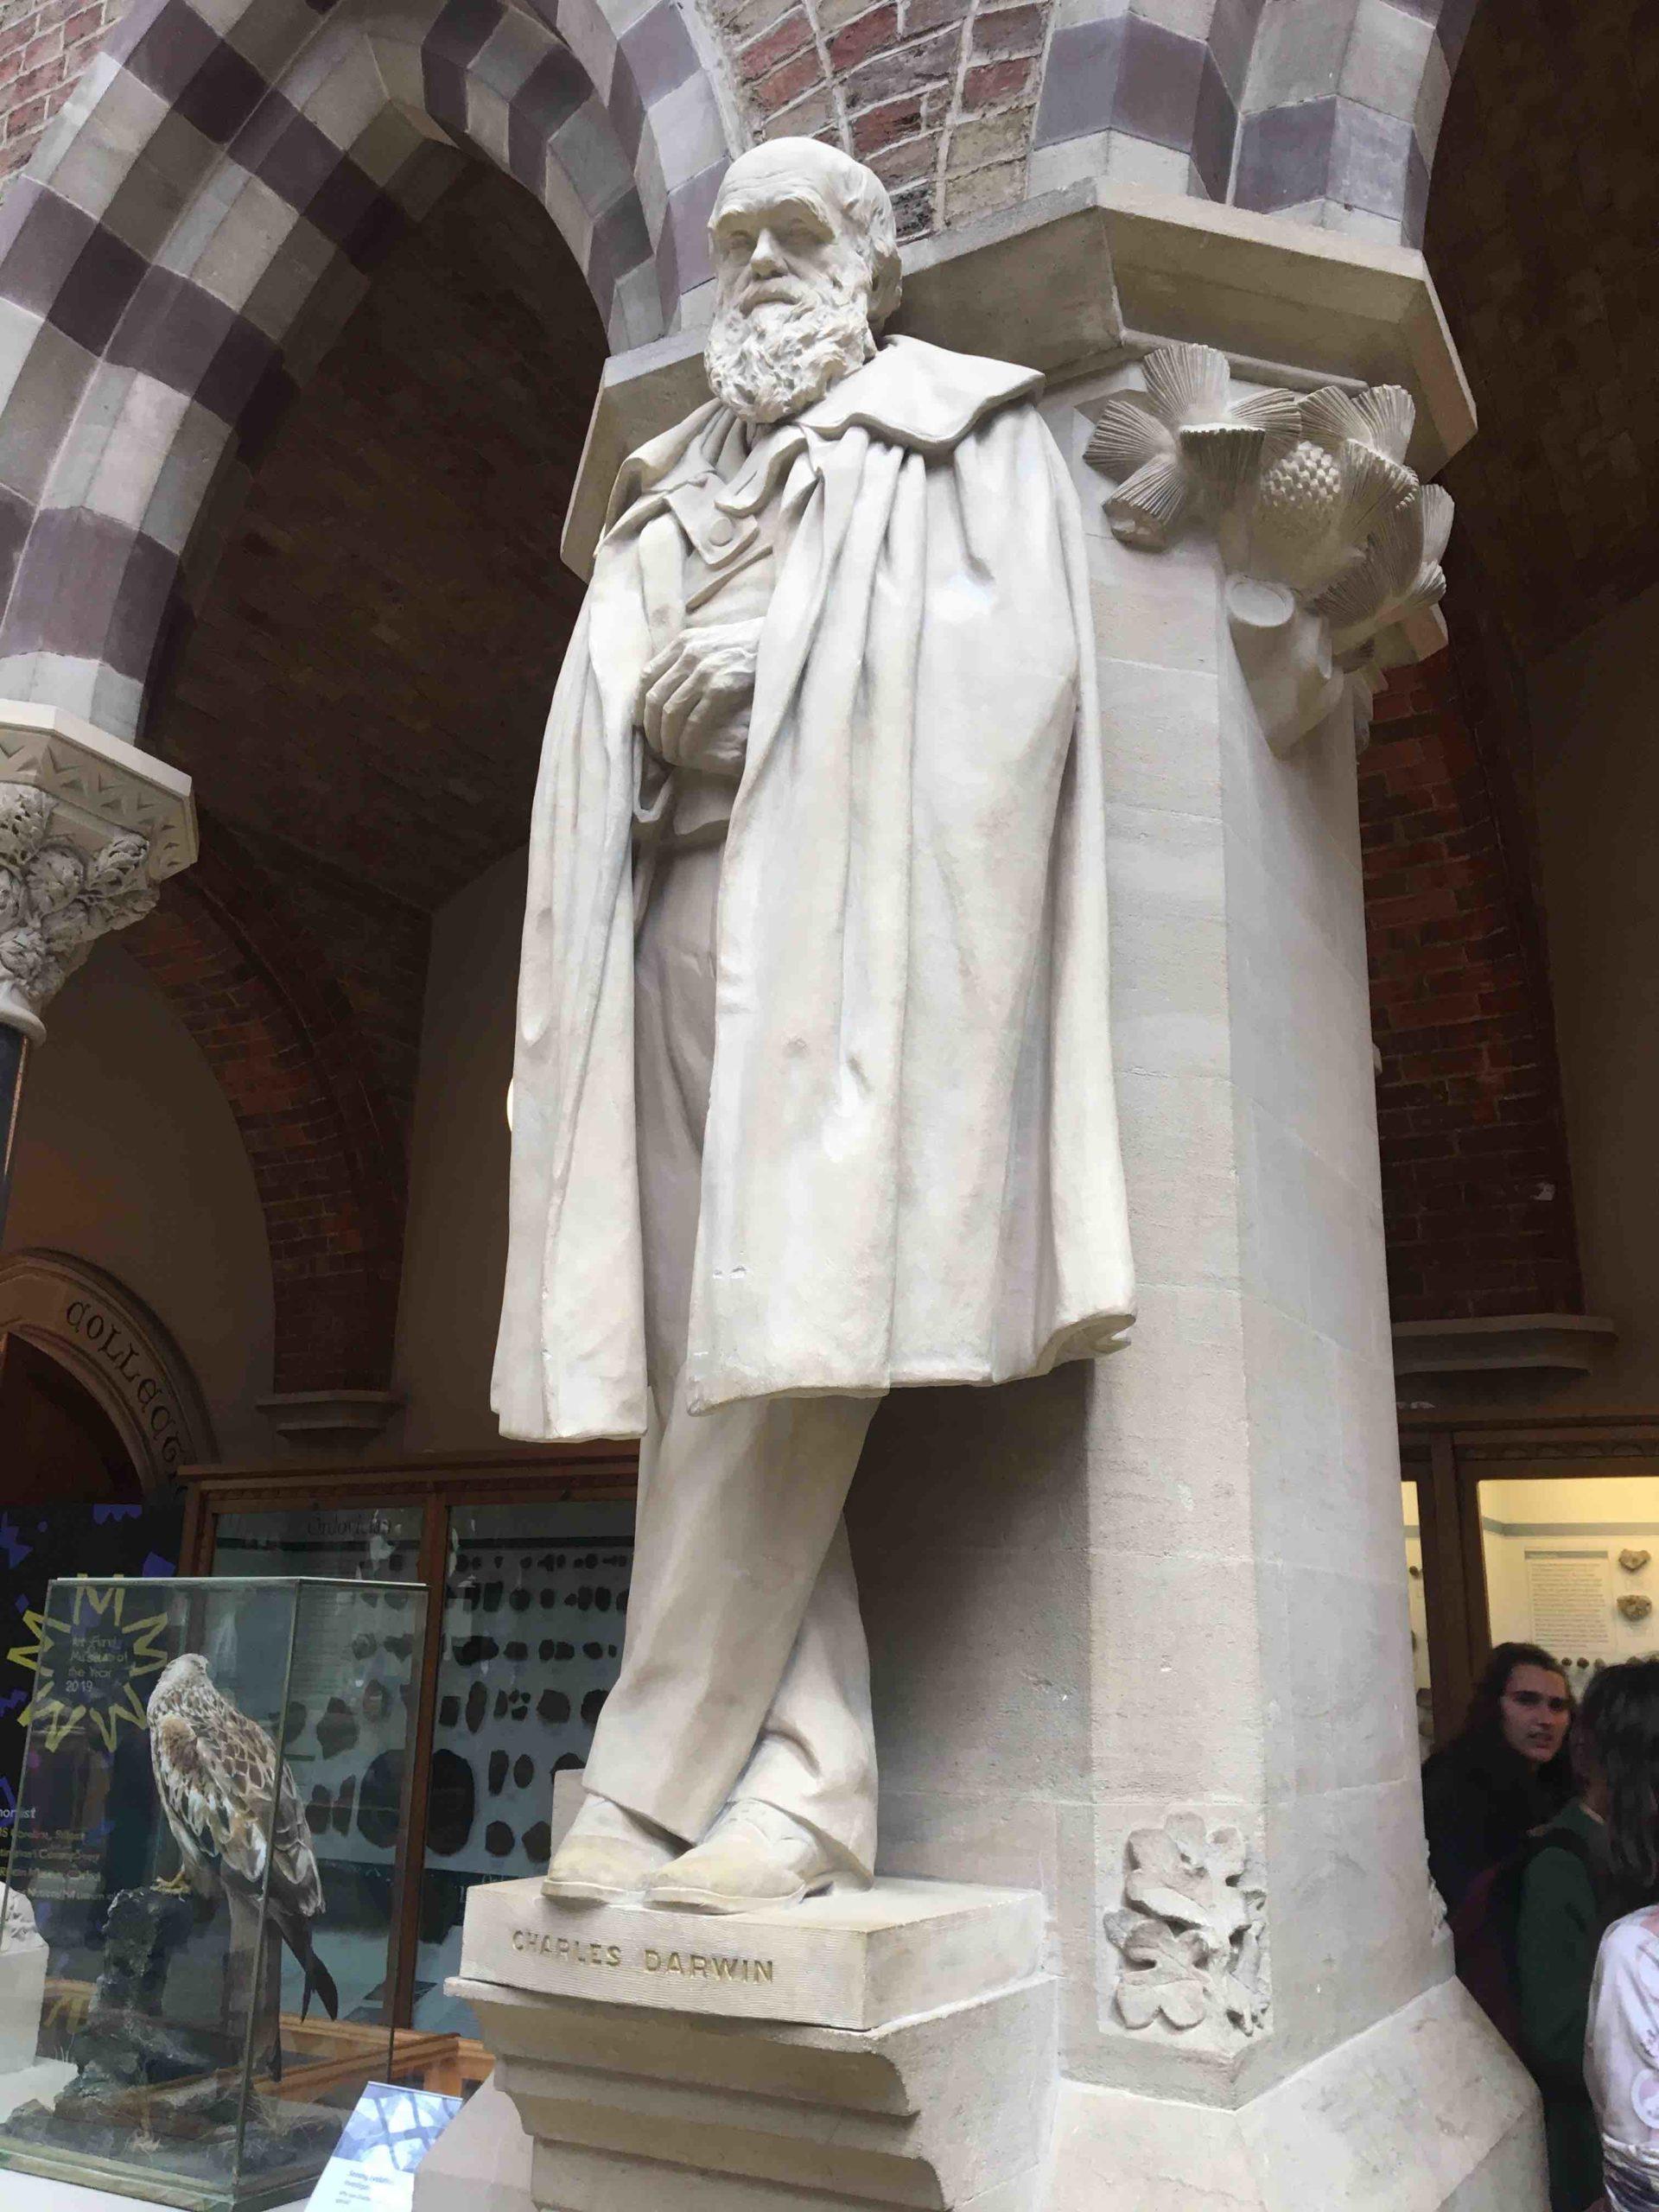 Charles Darwin at the Oxford Natural History Museum